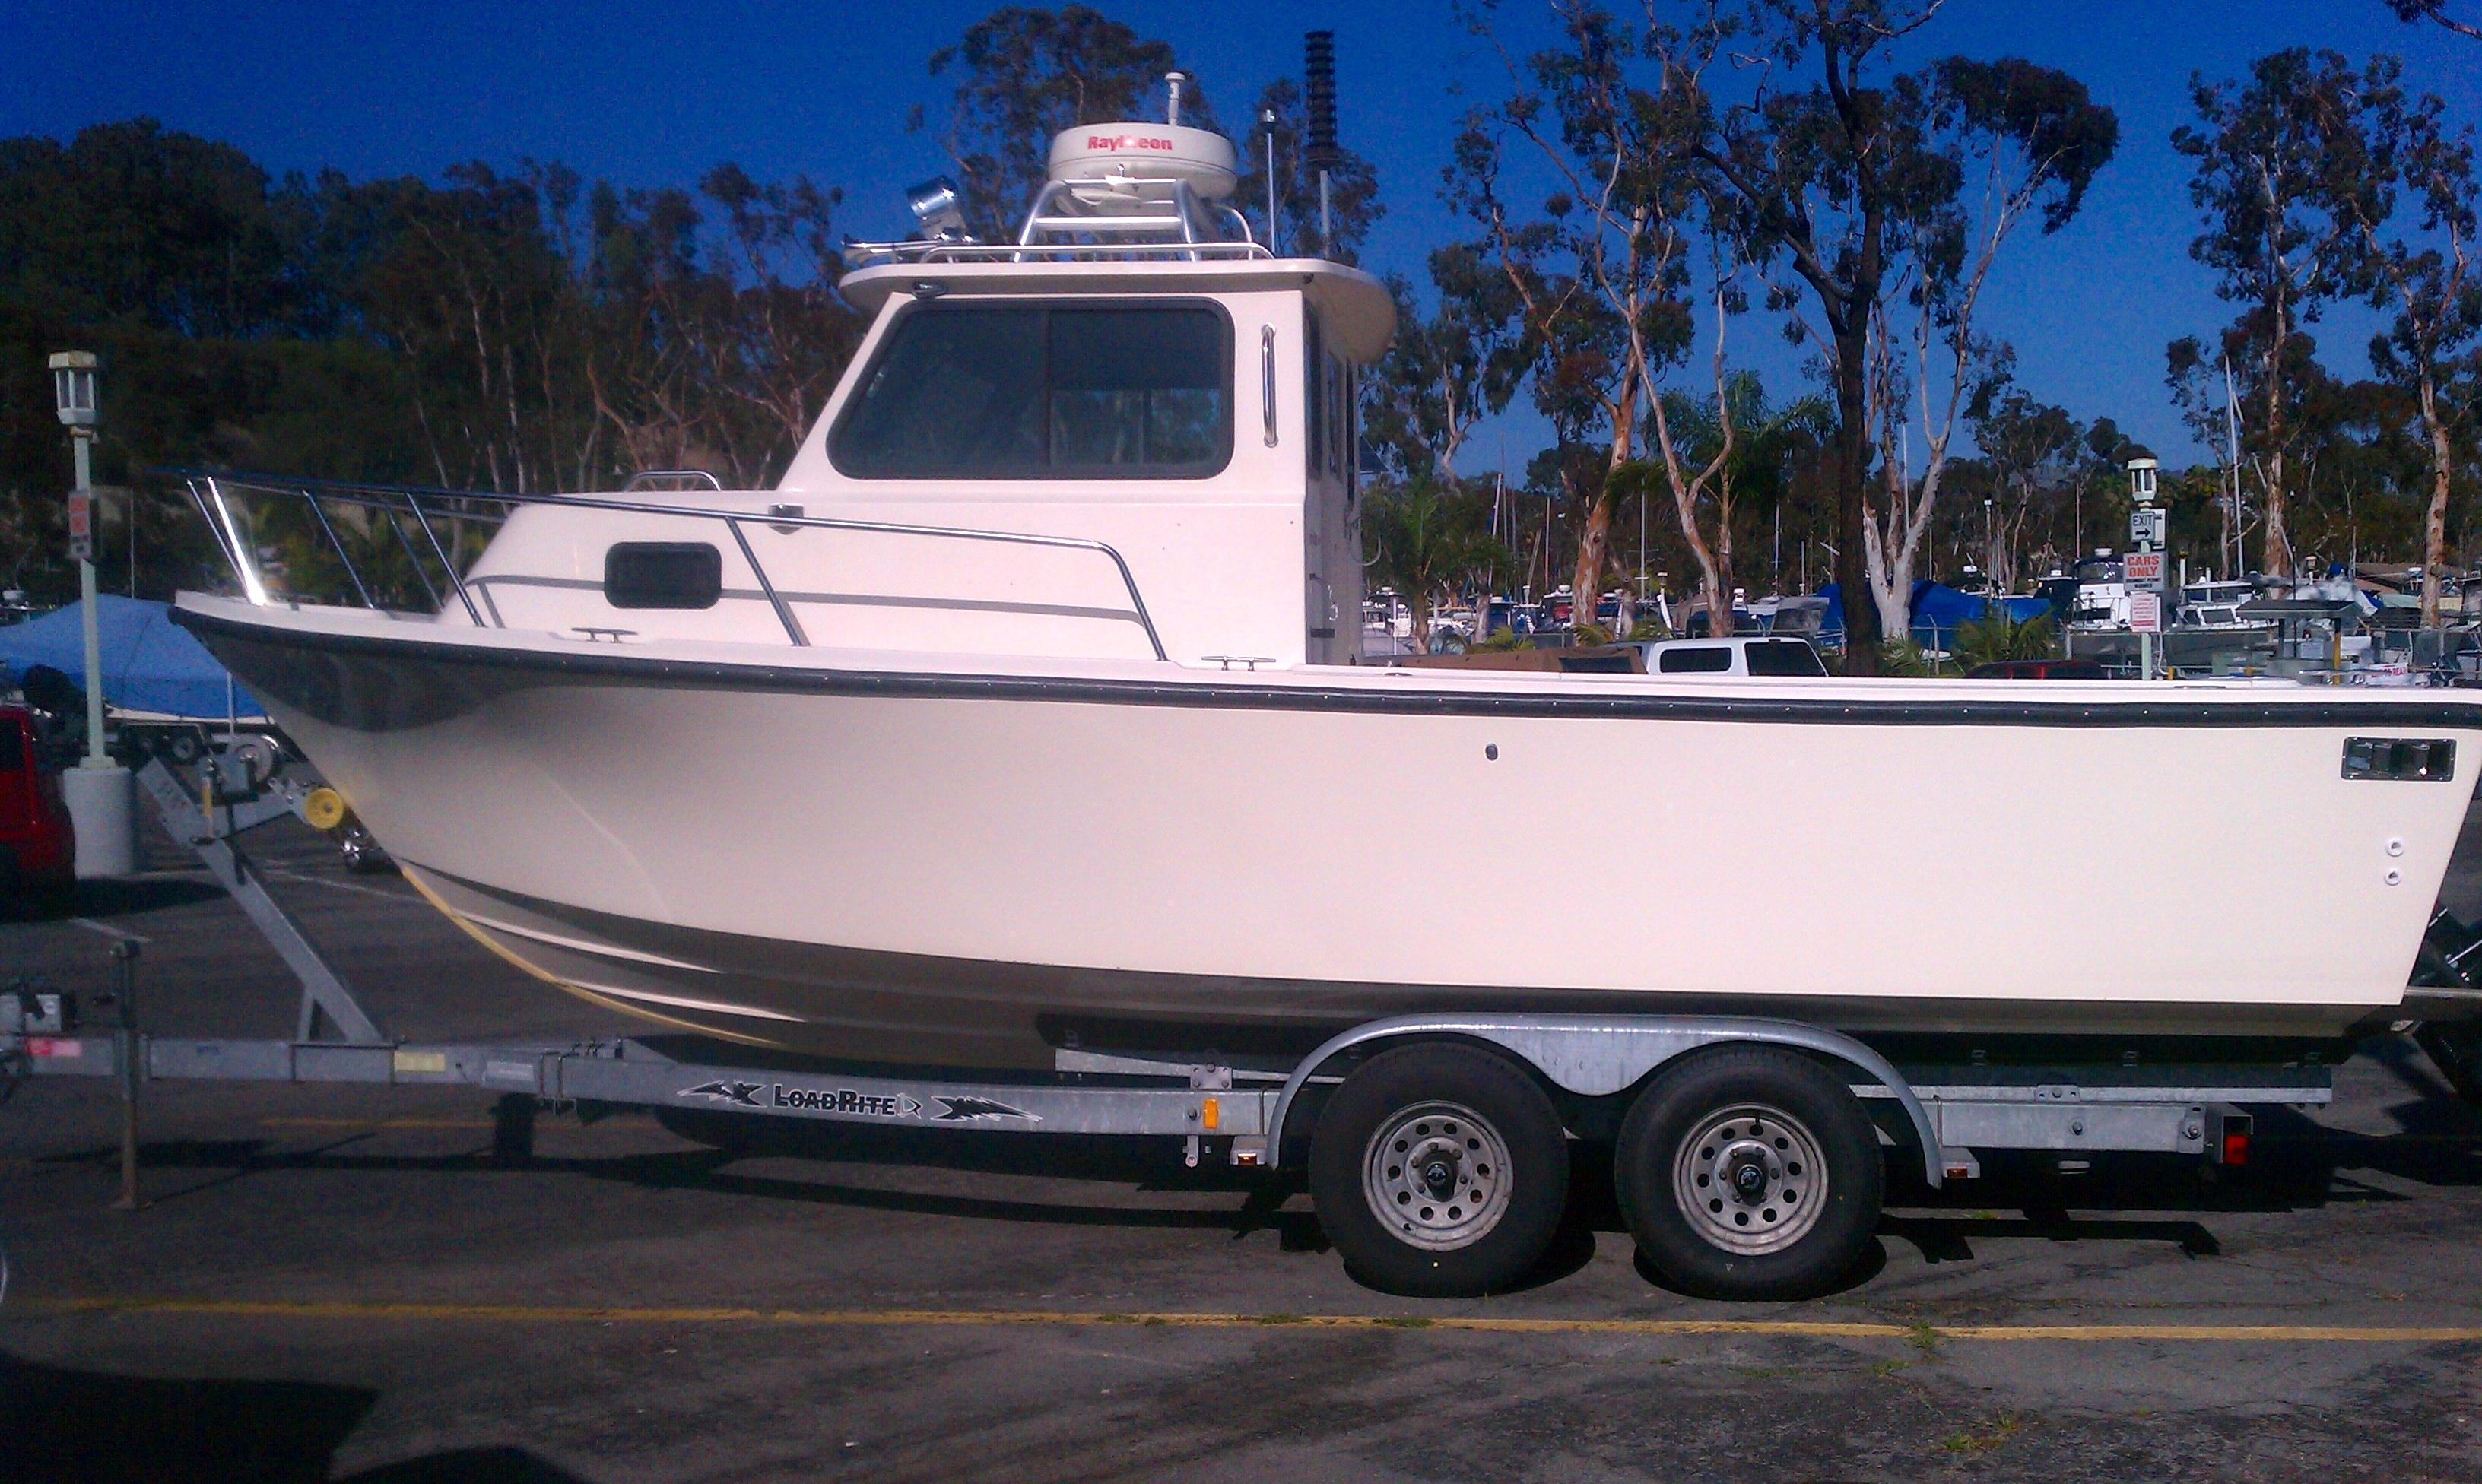 Parker 2320 Sl Pilothouse - Brick7 Boats